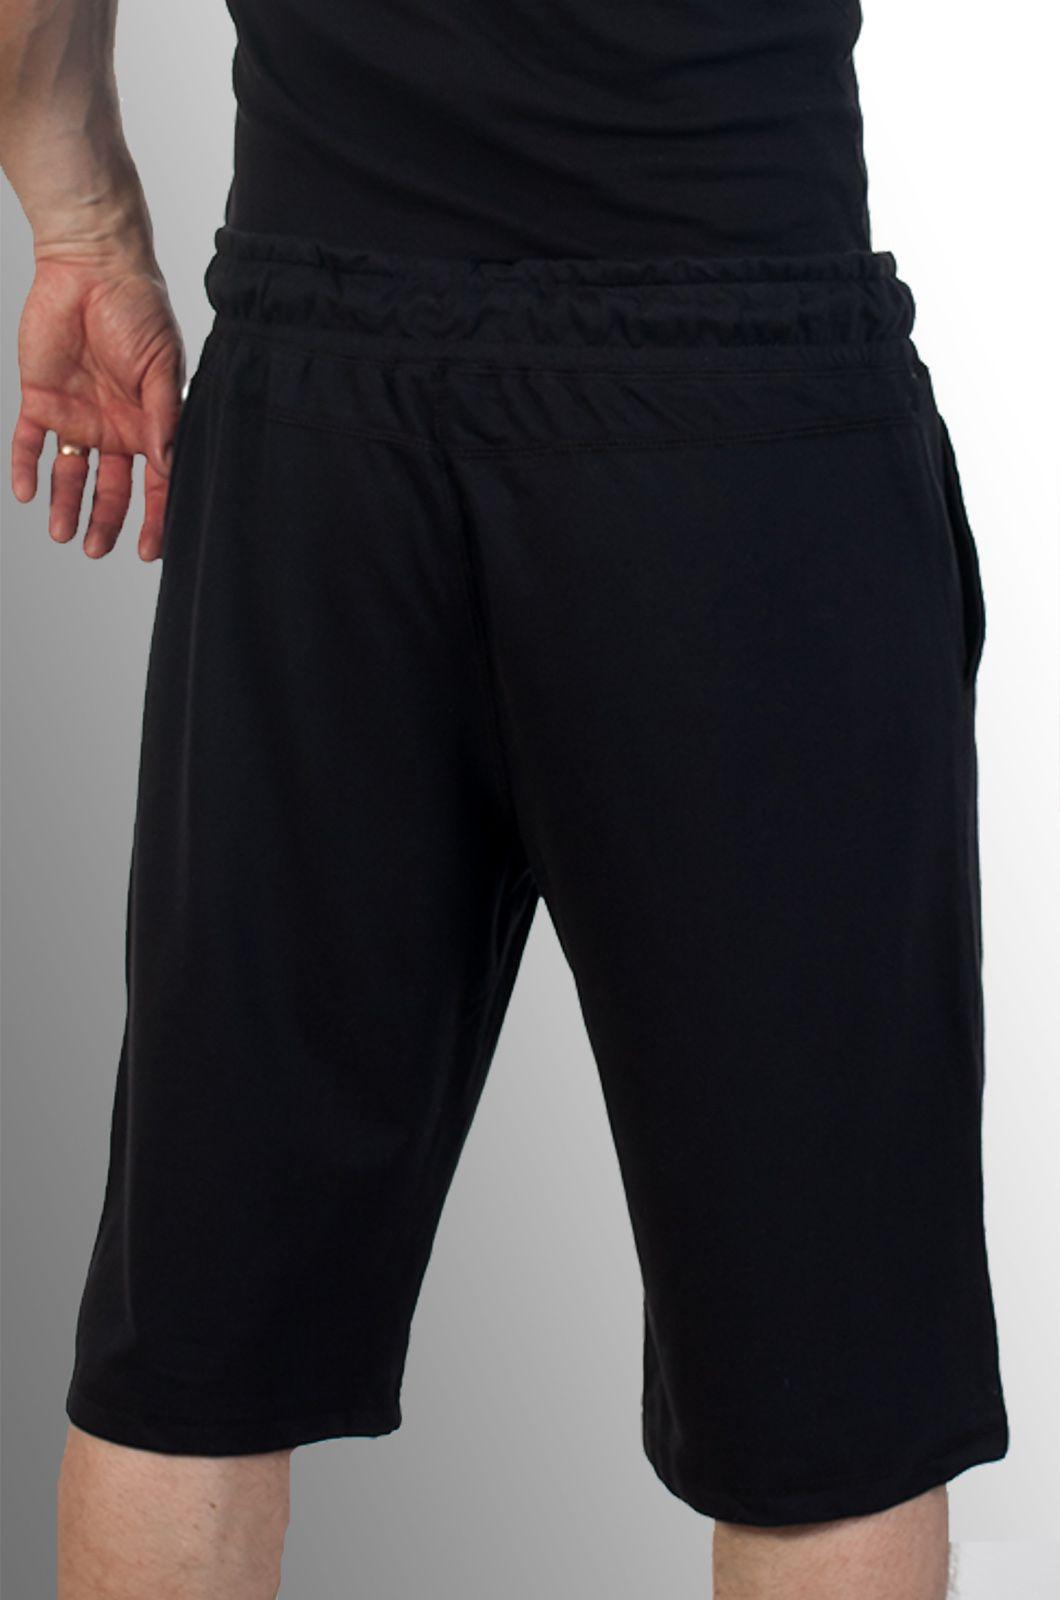 Купить чёрные трикотажные шорты